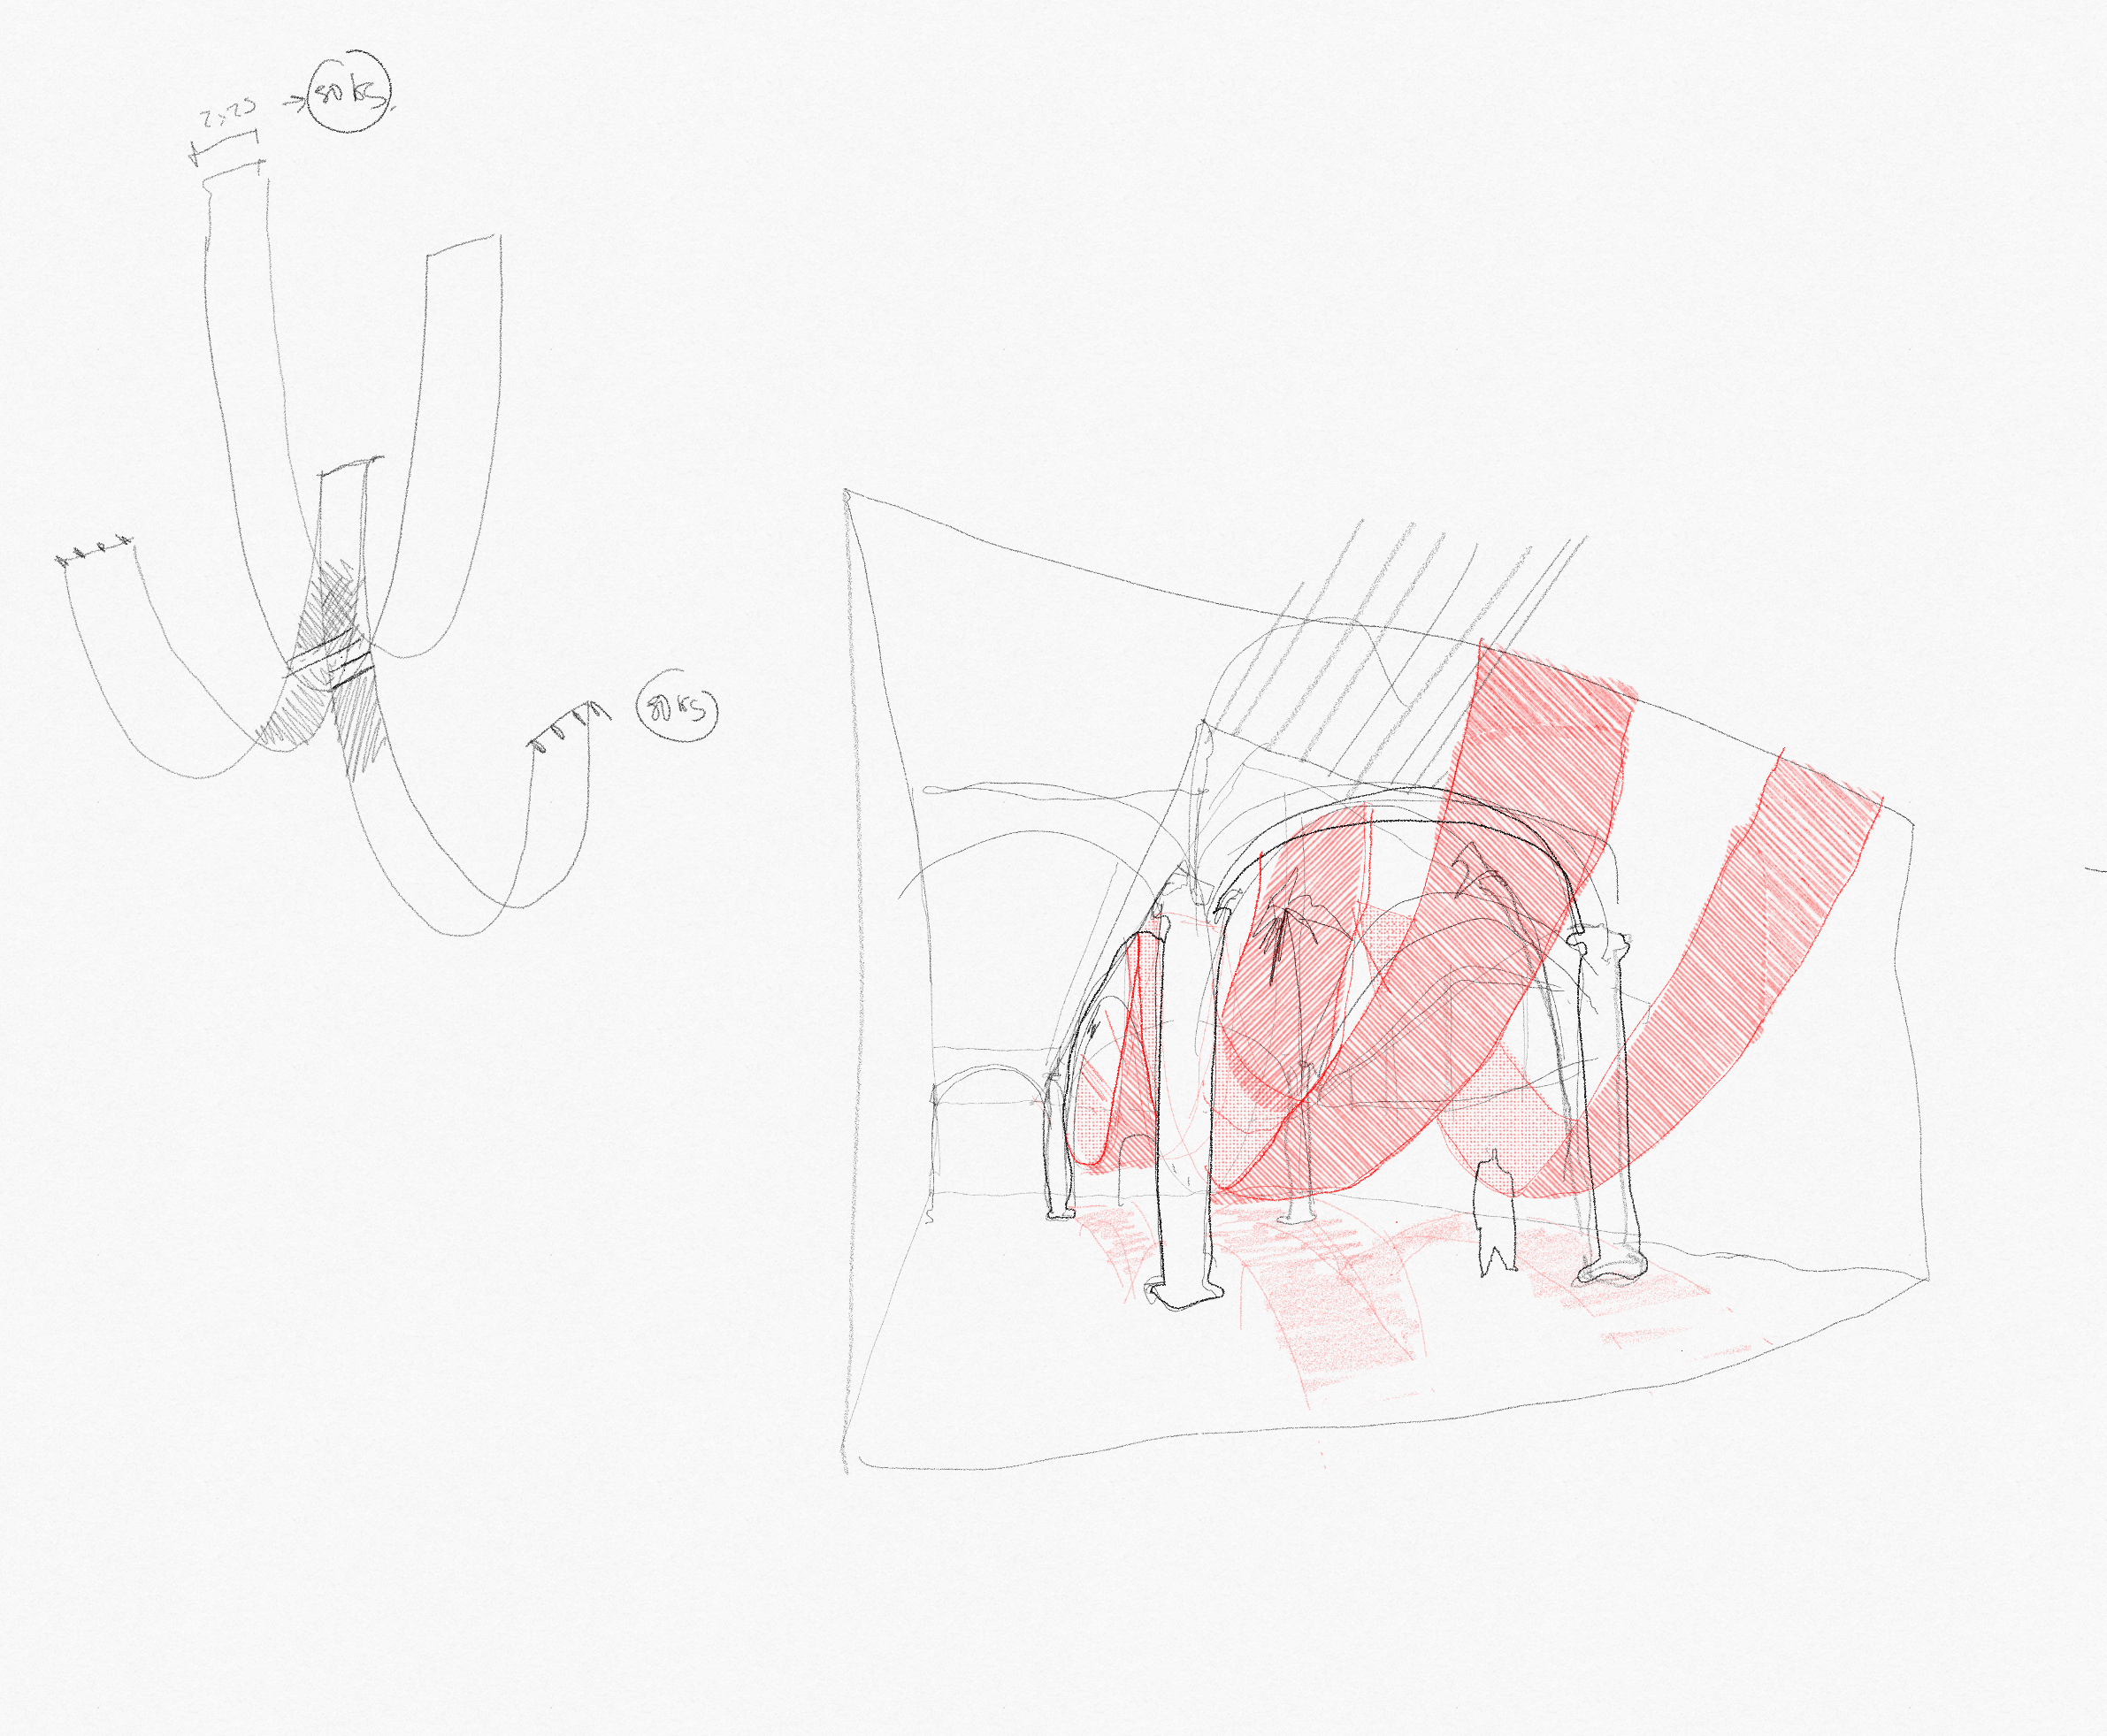 La Catenaria y el Arco